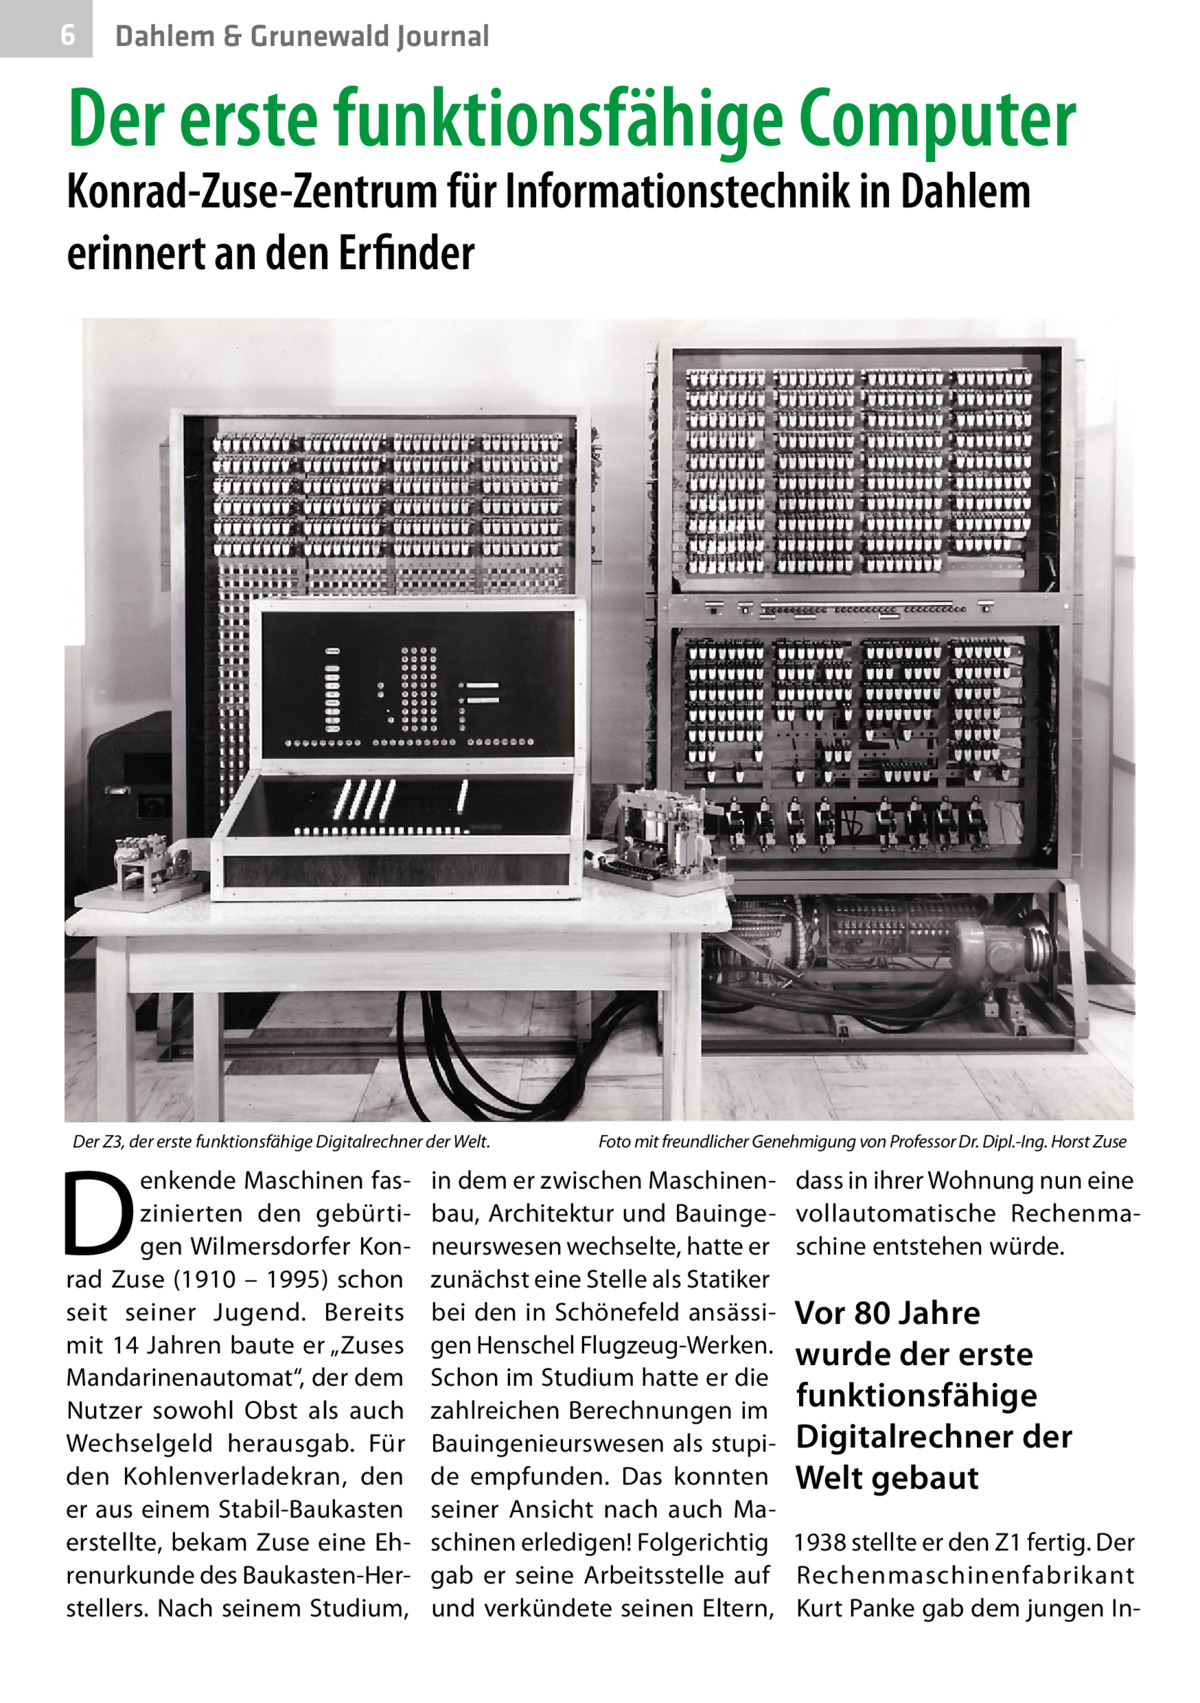 """6  Dahlem & Grunewald Journal  Der erste funktionsfähige Computer  Konrad-Zuse-Zentrum für Informationstechnik in Dahlem erinnert an den Erfinder  Der Z3, der erste funktionsfähige Digitalrechner der Welt.�  D  enkende Maschinen faszinierten den gebürtigen Wilmersdorfer Konrad Zuse (1910 – 1995) schon seit seiner Jugend. Bereits mit 14Jahren baute er """"Zuses Mandarinenautomat"""", der dem Nutzer sowohl Obst als auch Wechselgeld herausgab. Für den Kohlenverladekran, den er aus einem Stabil-Baukasten erstellte, bekam Zuse eine Ehrenurkunde des Baukasten-Herstellers. Nach seinem Studium,  Foto mit freundlicher Genehmigung von Professor Dr. Dipl.-Ing. Horst Zuse  in dem er zwischen Maschinenbau, Architektur und Bauingeneurswesen wechselte, hatte er zunächst eine Stelle als Statiker bei den in Schönefeld ansässigen Henschel Flugzeug-Werken. Schon im Studium hatte er die zahlreichen Berechnungen im Bauingenieurswesen als stupide empfunden. Das konnten seiner Ansicht nach auch Maschinen erledigen! Folgerichtig gab er seine Arbeitsstelle auf und verkündete seinen Eltern,  dass in ihrer Wohnung nun eine vollautomatische Rechenmaschine entstehen würde.  Vor 80Jahre wurde der erste funktionsfähige Digitalrechner der Welt gebaut 1938 stellte er den Z1 fertig. Der Rechenmaschinenfabrikant Kurt Panke gab dem jungen I"""